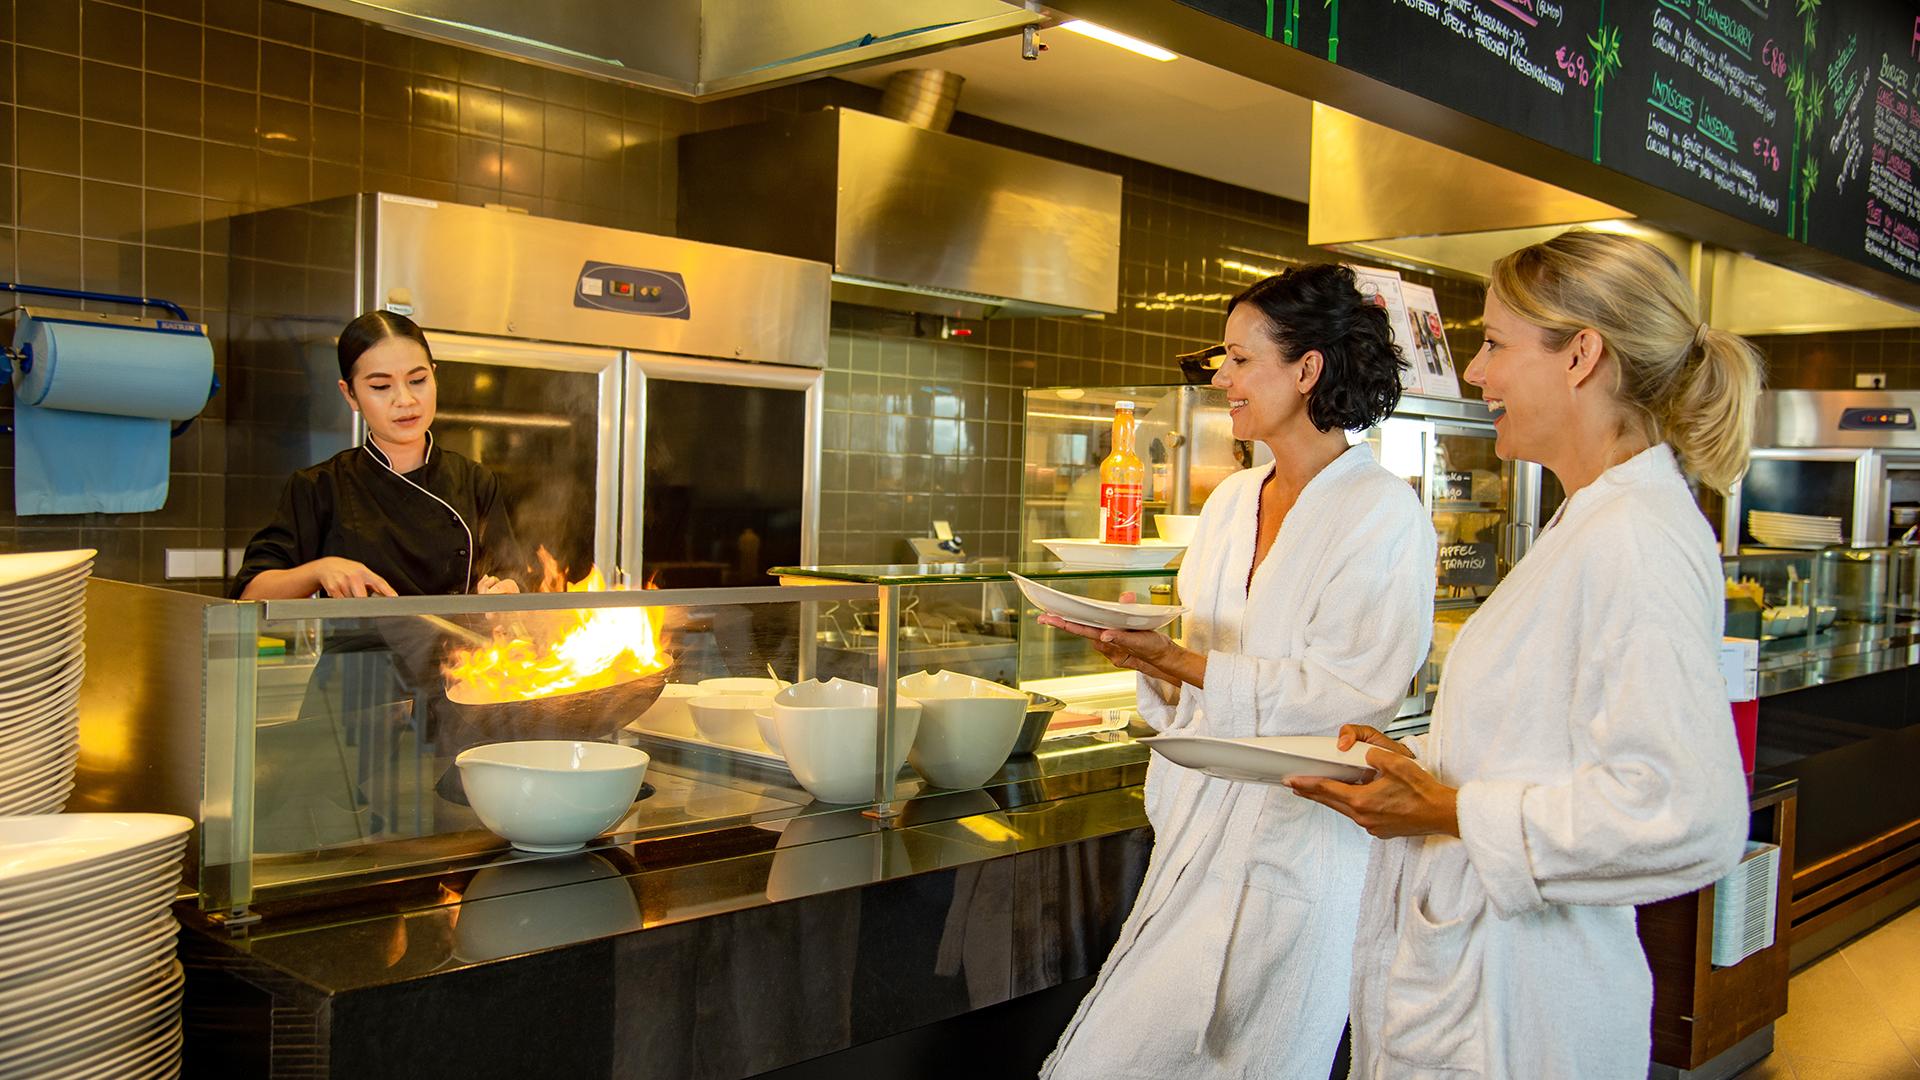 In den Restaurants werden auch Wok-Gerichte kredenzt.